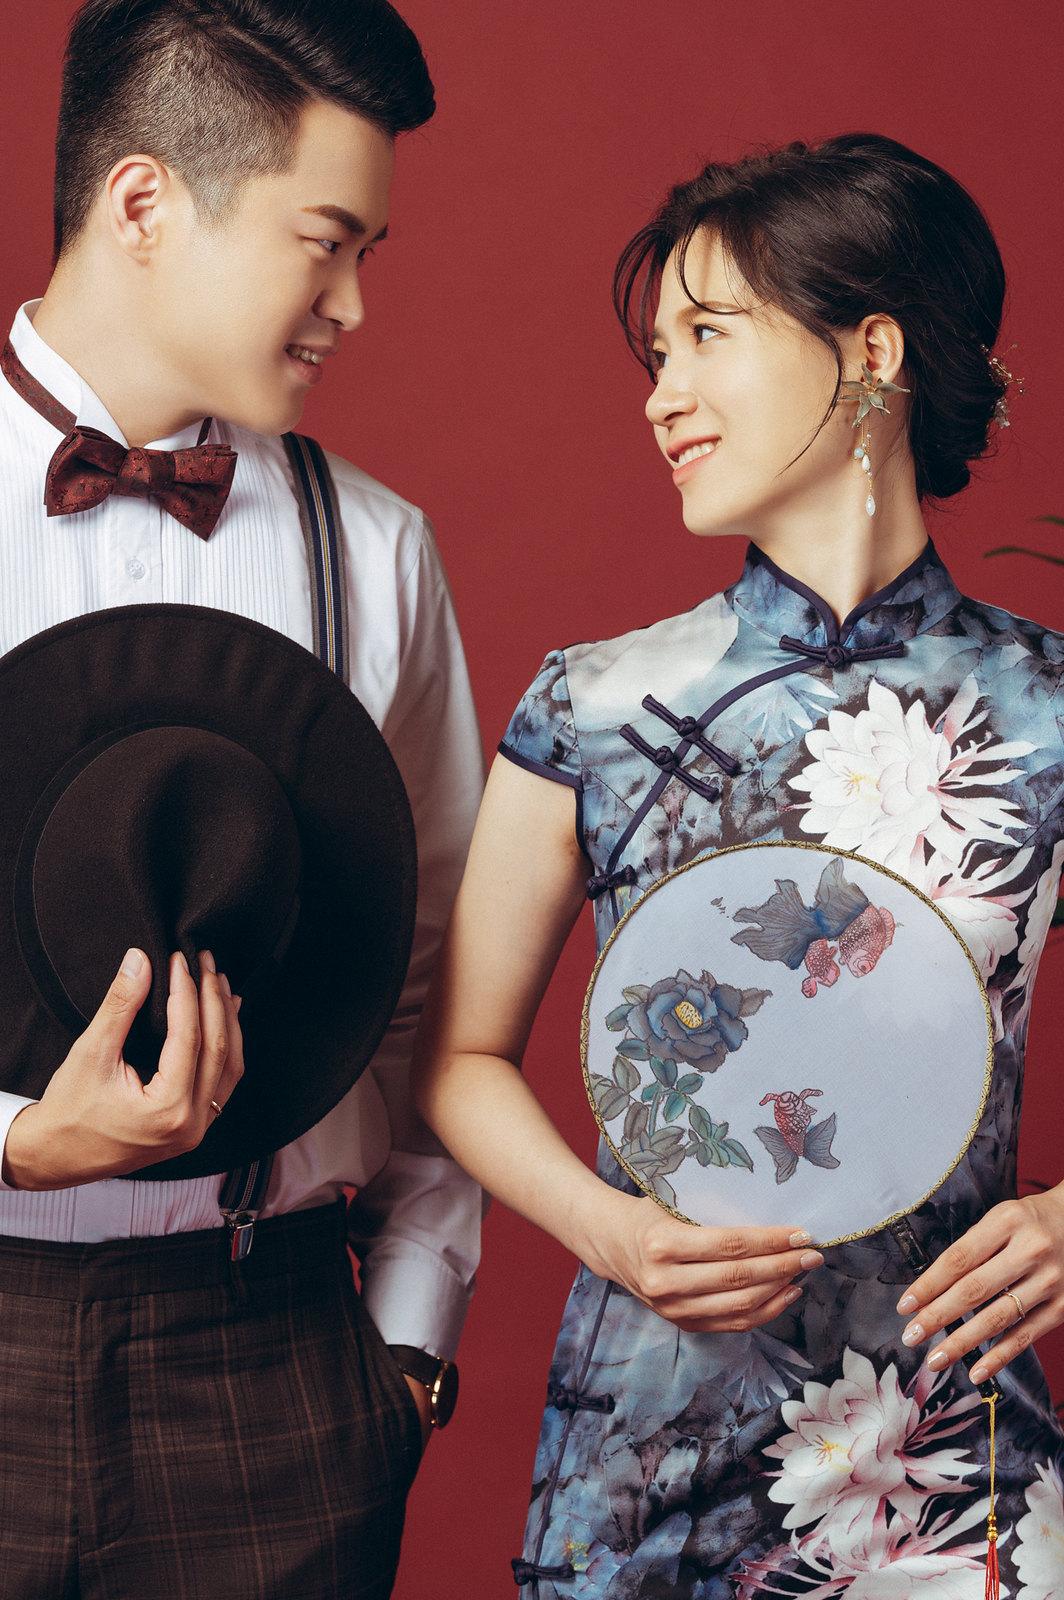 【婚紗】Frank & Tina / 中式旗袍 / 婚紗意象